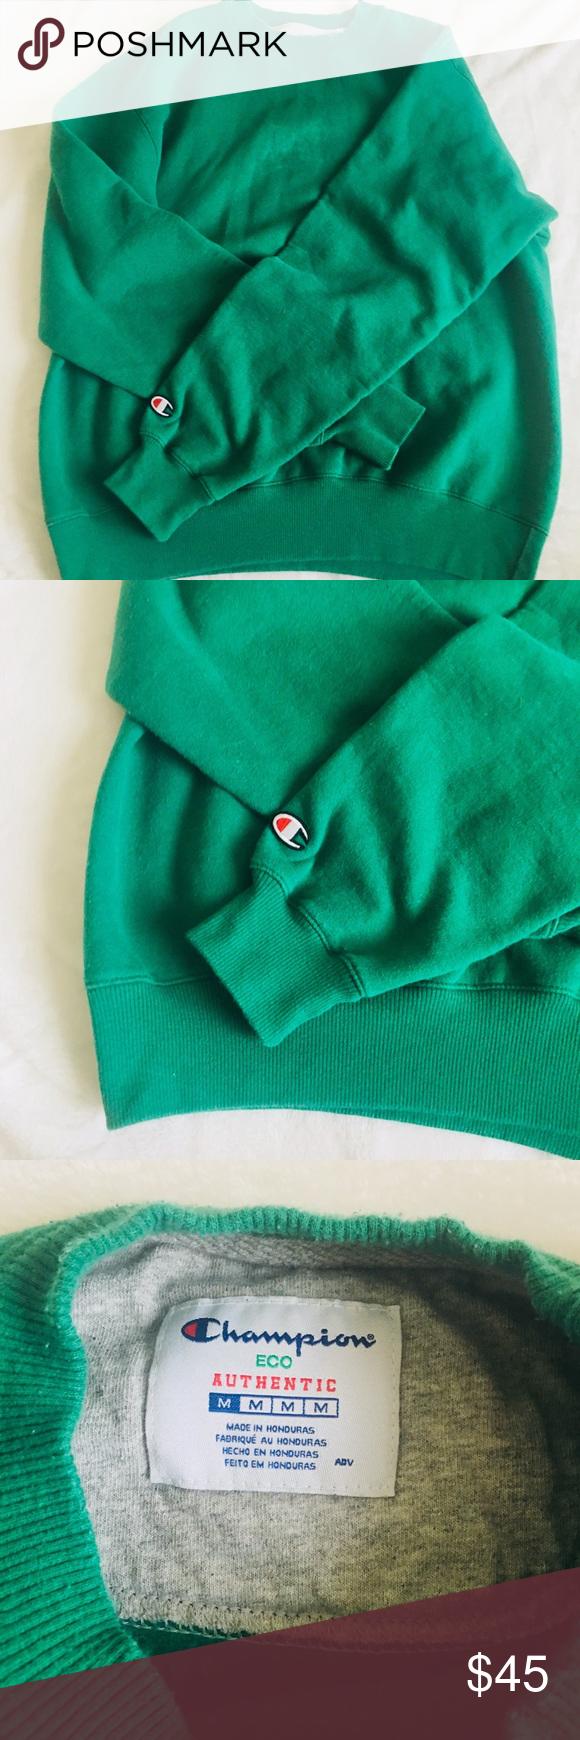 Champion Sweatshirt Champion Sweatshirt Champion Crewneck Sweatshirt Clothes Design [ 1740 x 580 Pixel ]